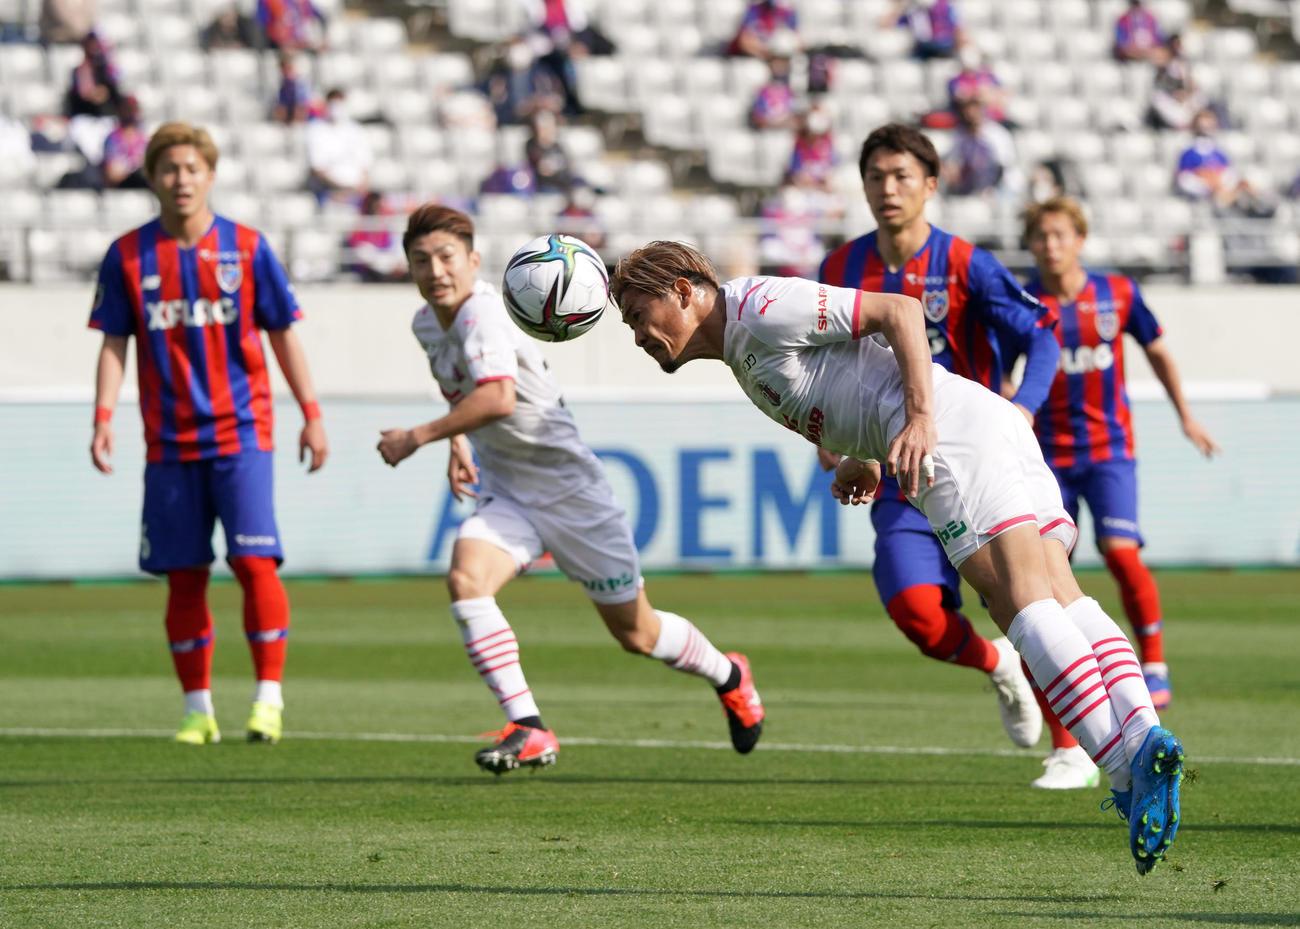 東京対C大阪 前半、ヘディングでゴールを決めるC大阪FW大久保(撮影・横山健太)